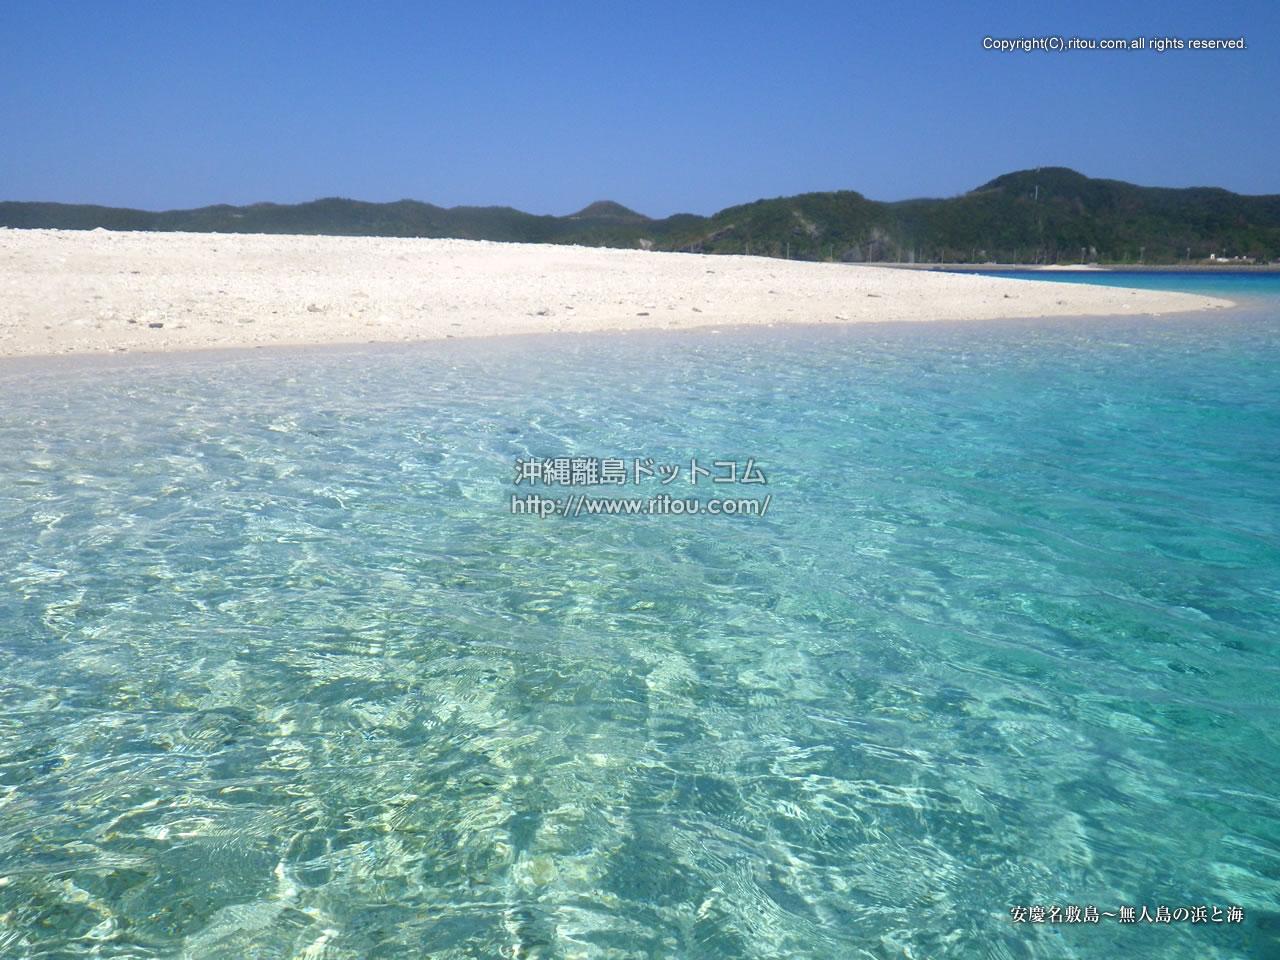 安慶名敷島〜無人島の浜と海